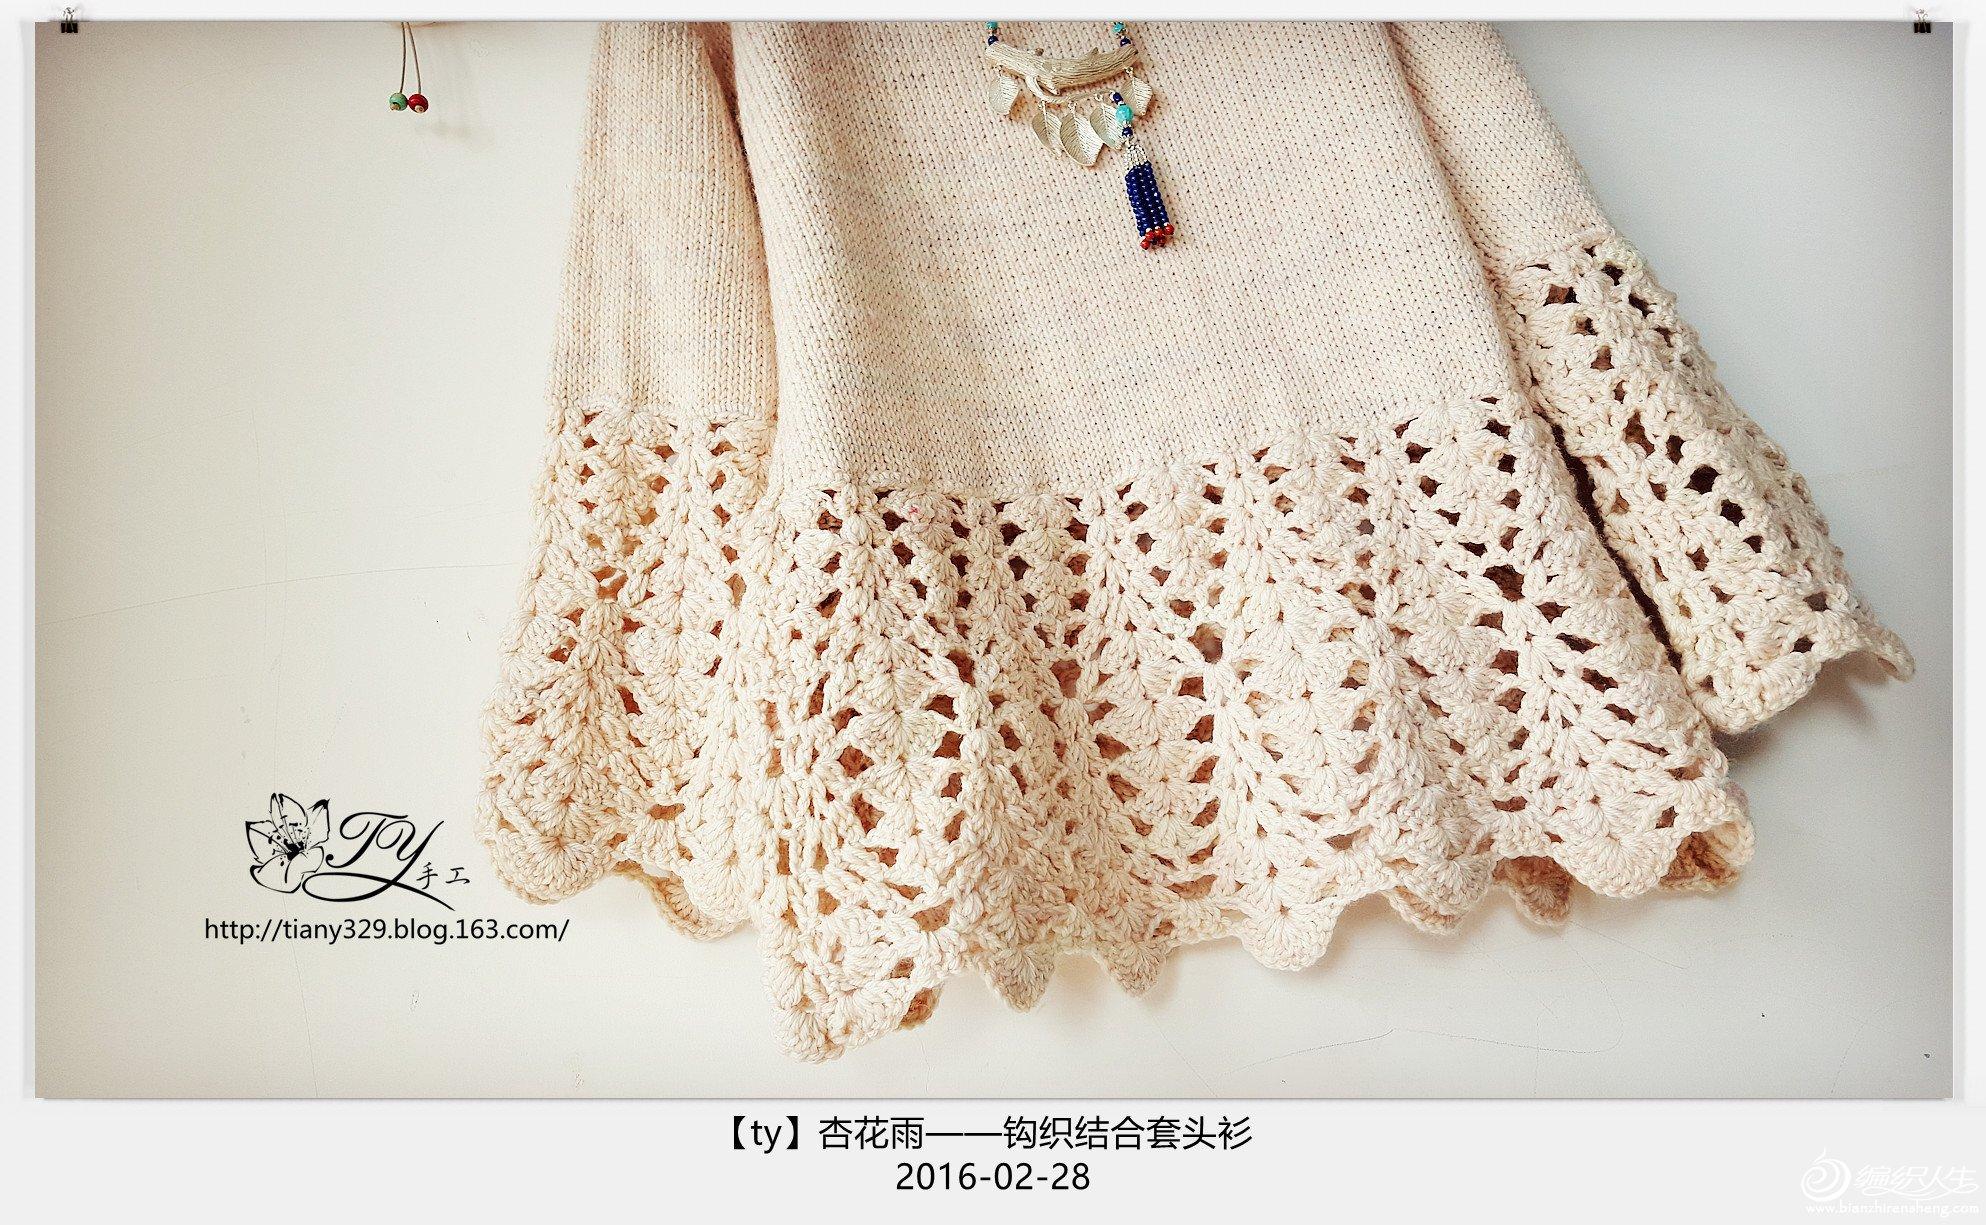 [套头衫] 【ty】杏花雨——钩织结合套头衫 - yn595959 - yn595959 彦妮